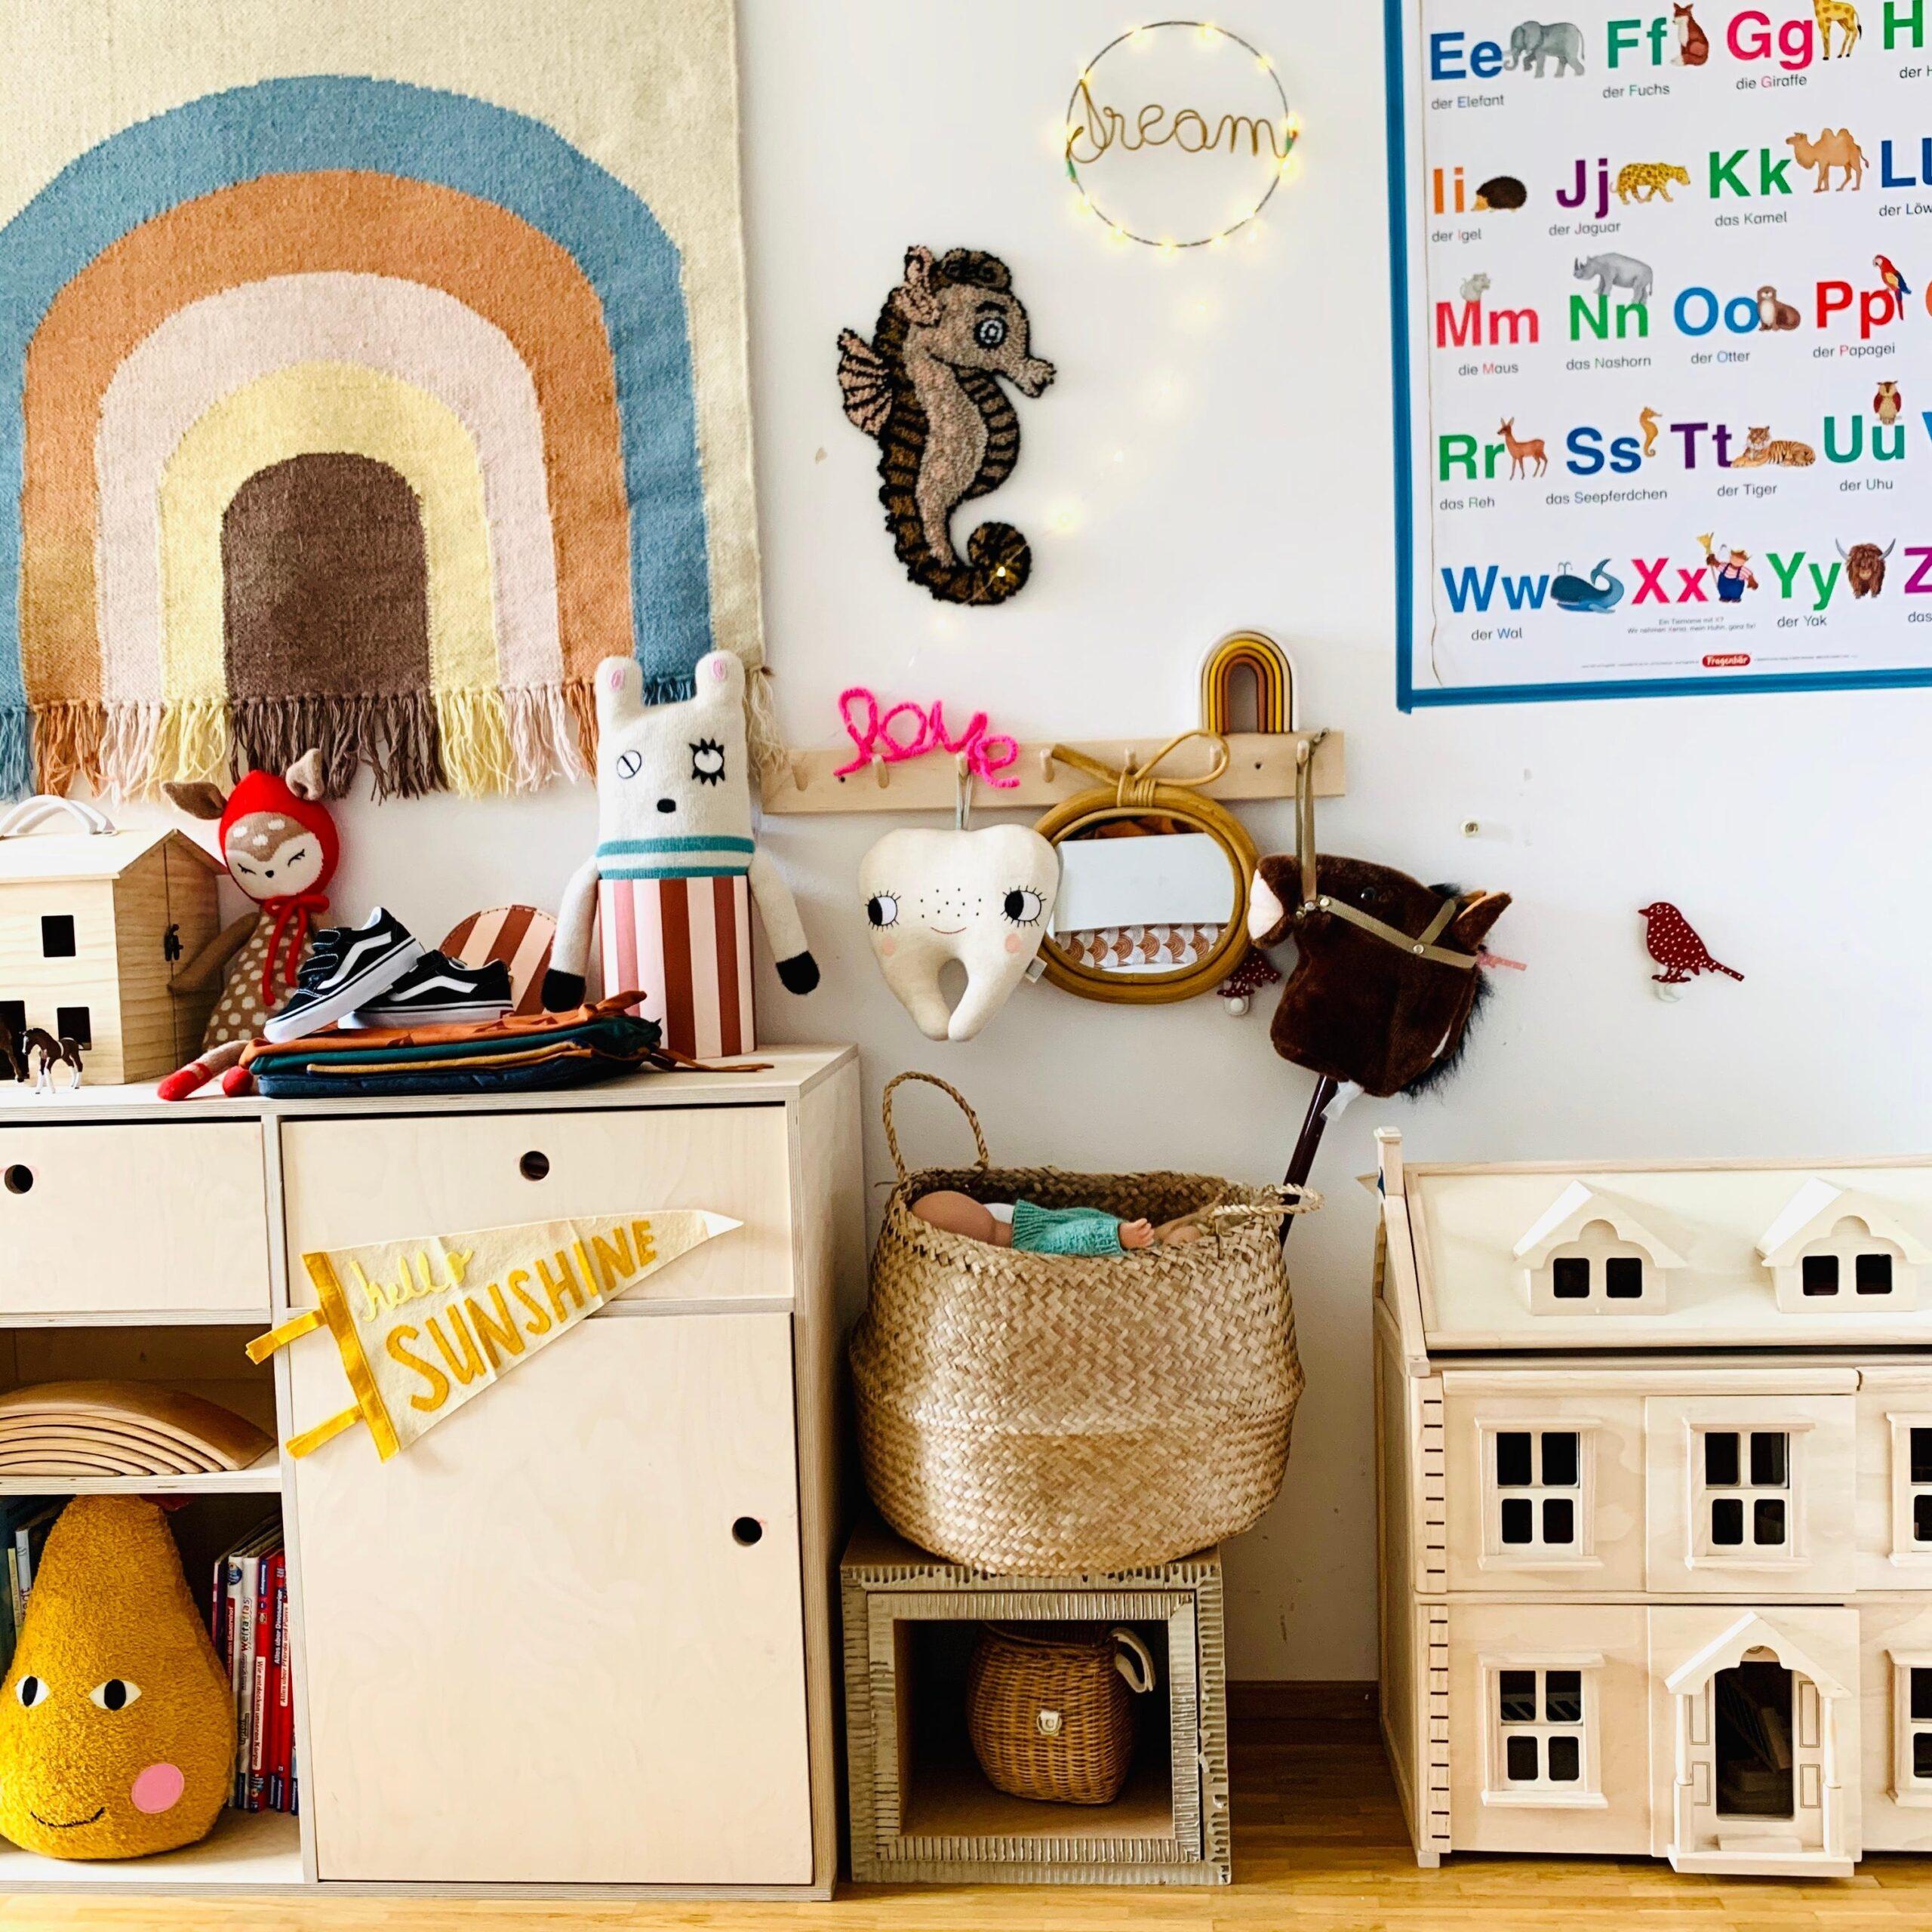 Full Size of Aufbewahrung Regal Kinderzimmer Lidl Aufbewahrungsbox Aufbewahrungskorb Ideen Grau Aufbewahrungsboxen Mint Aufbewahrungssystem Ikea Aufbewahrungssysteme Kinderzimmer Kinderzimmer Aufbewahrung